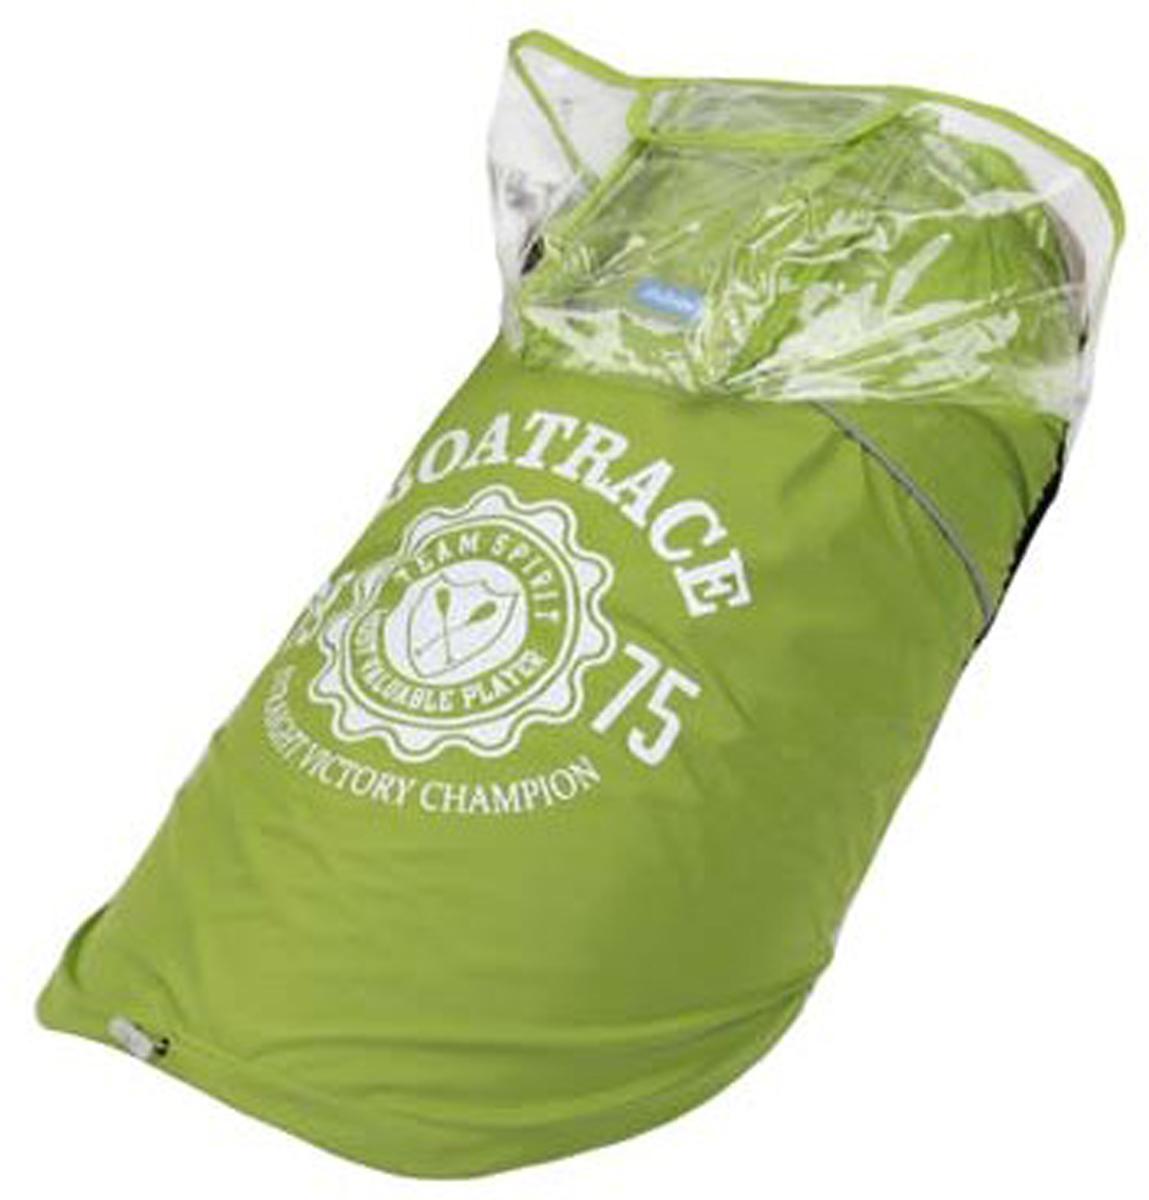 Куртка для собак Dobaz, водонепроницаемая, цвет: прозрачно-зеленый. ДА13033С3ХЛ. Размер 3XLДА13033С3ХЛКуртка для собак Dobaz отлично подходит для использования в сырую погоду. Материал обладает водоотталкивающей способностью, поэтому превосходно защитит вашего четвероногого друга в любую погоду.Обхват шеи: 43 см.Обхват груди: 66 см.Длина спинки: 46 см.Одежда для собак: нужна ли она и как её выбрать. Статья OZON Гид